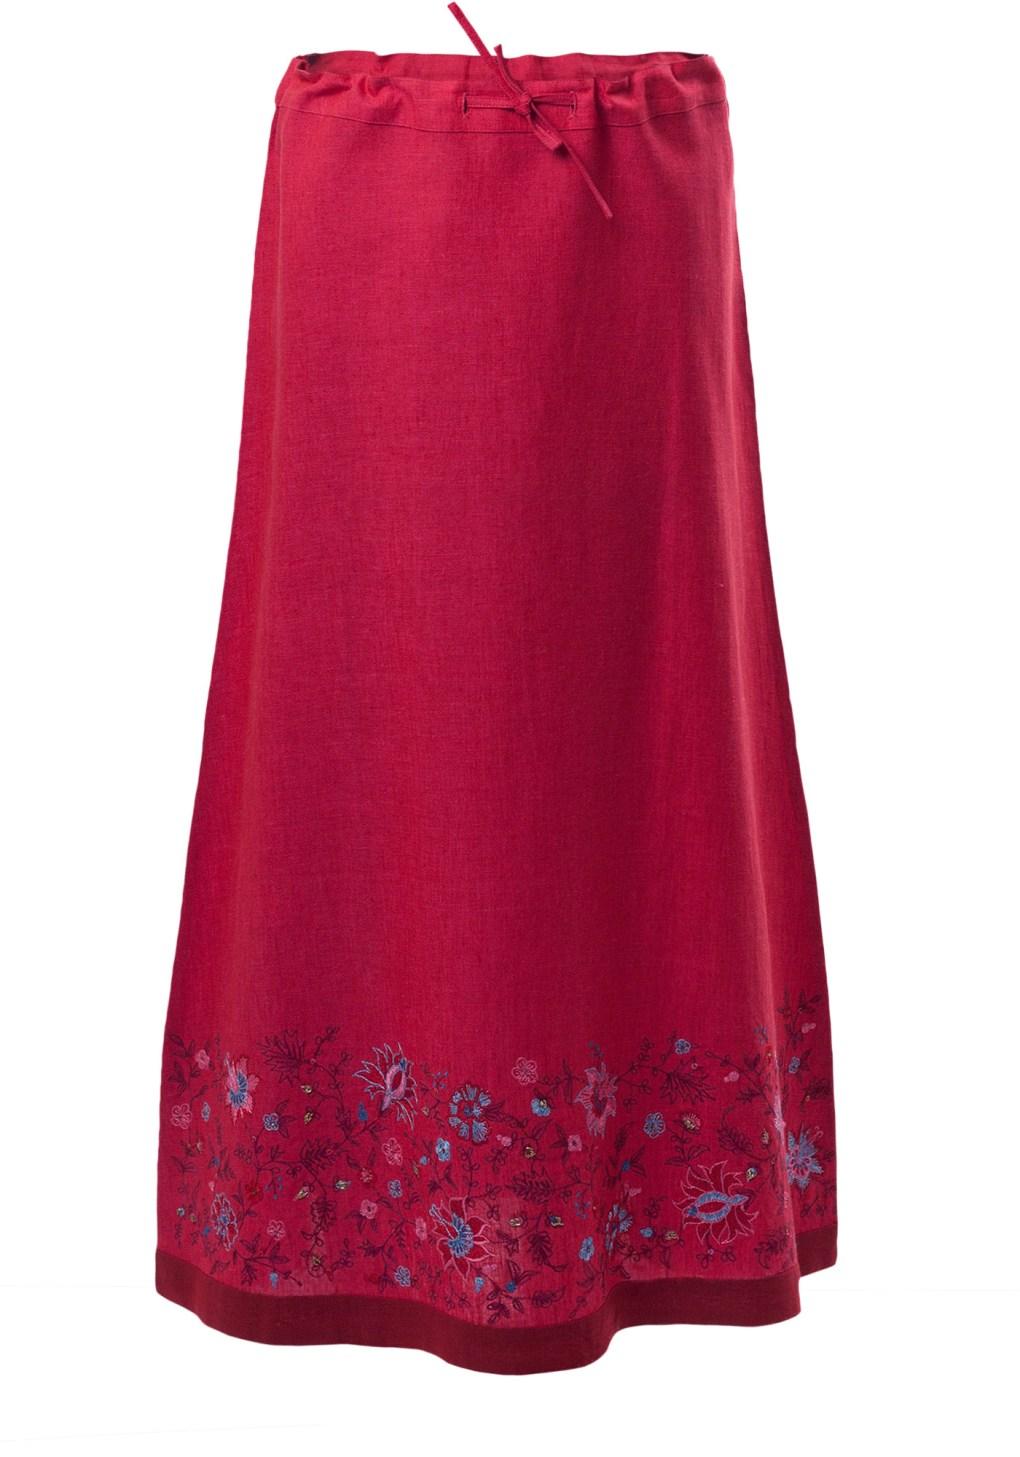 MINC Petite Raspberry Sorbet Girls Embroidered Skirt in Fuchsia Linen